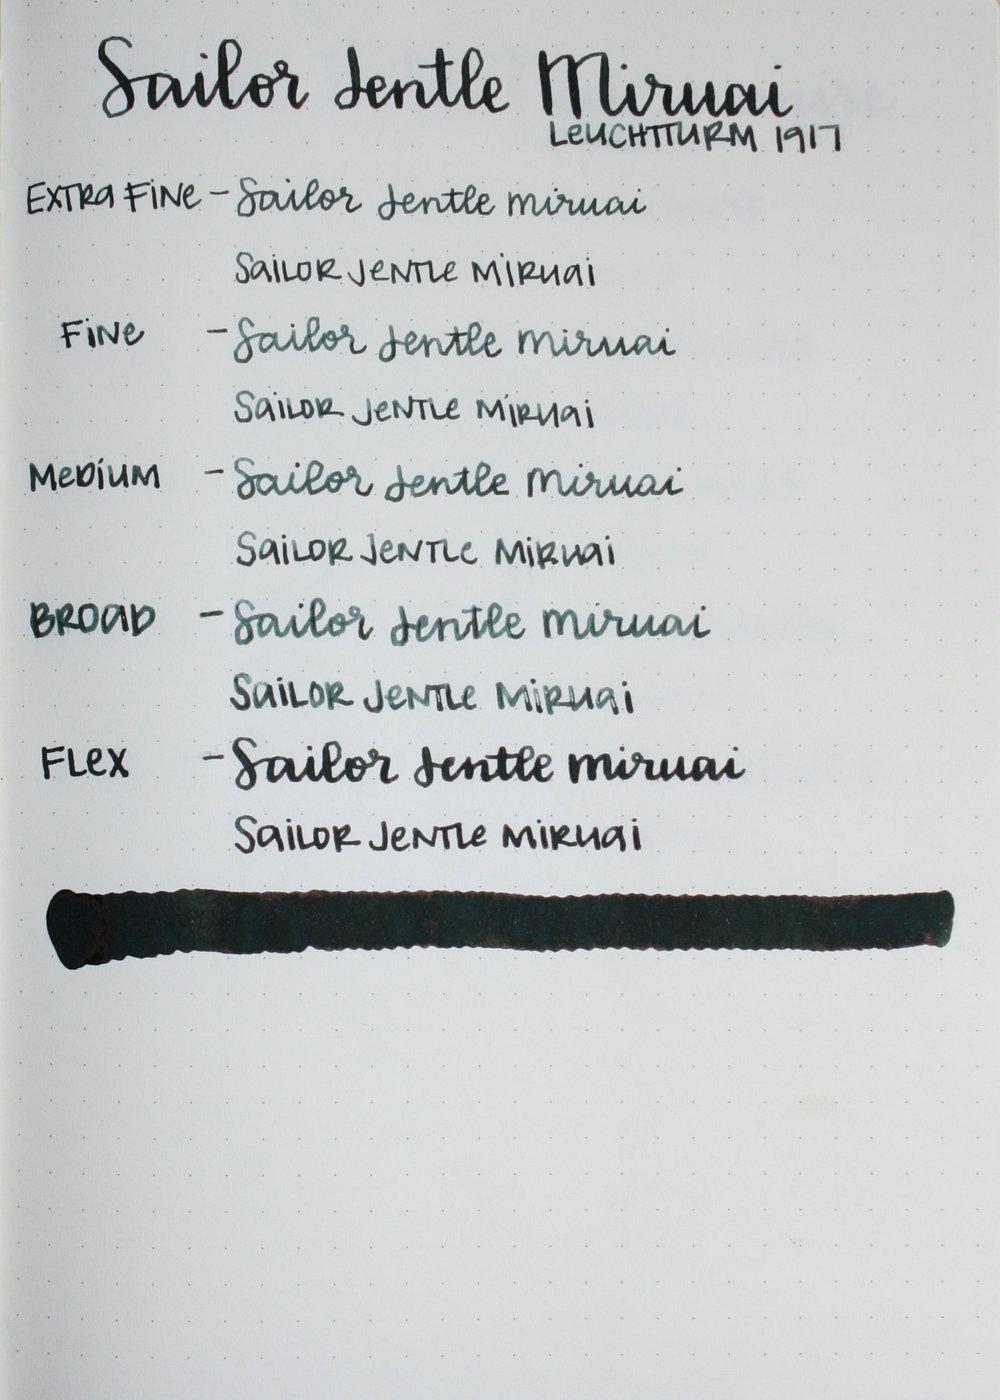 SailorJentleMiruai-041.jpg